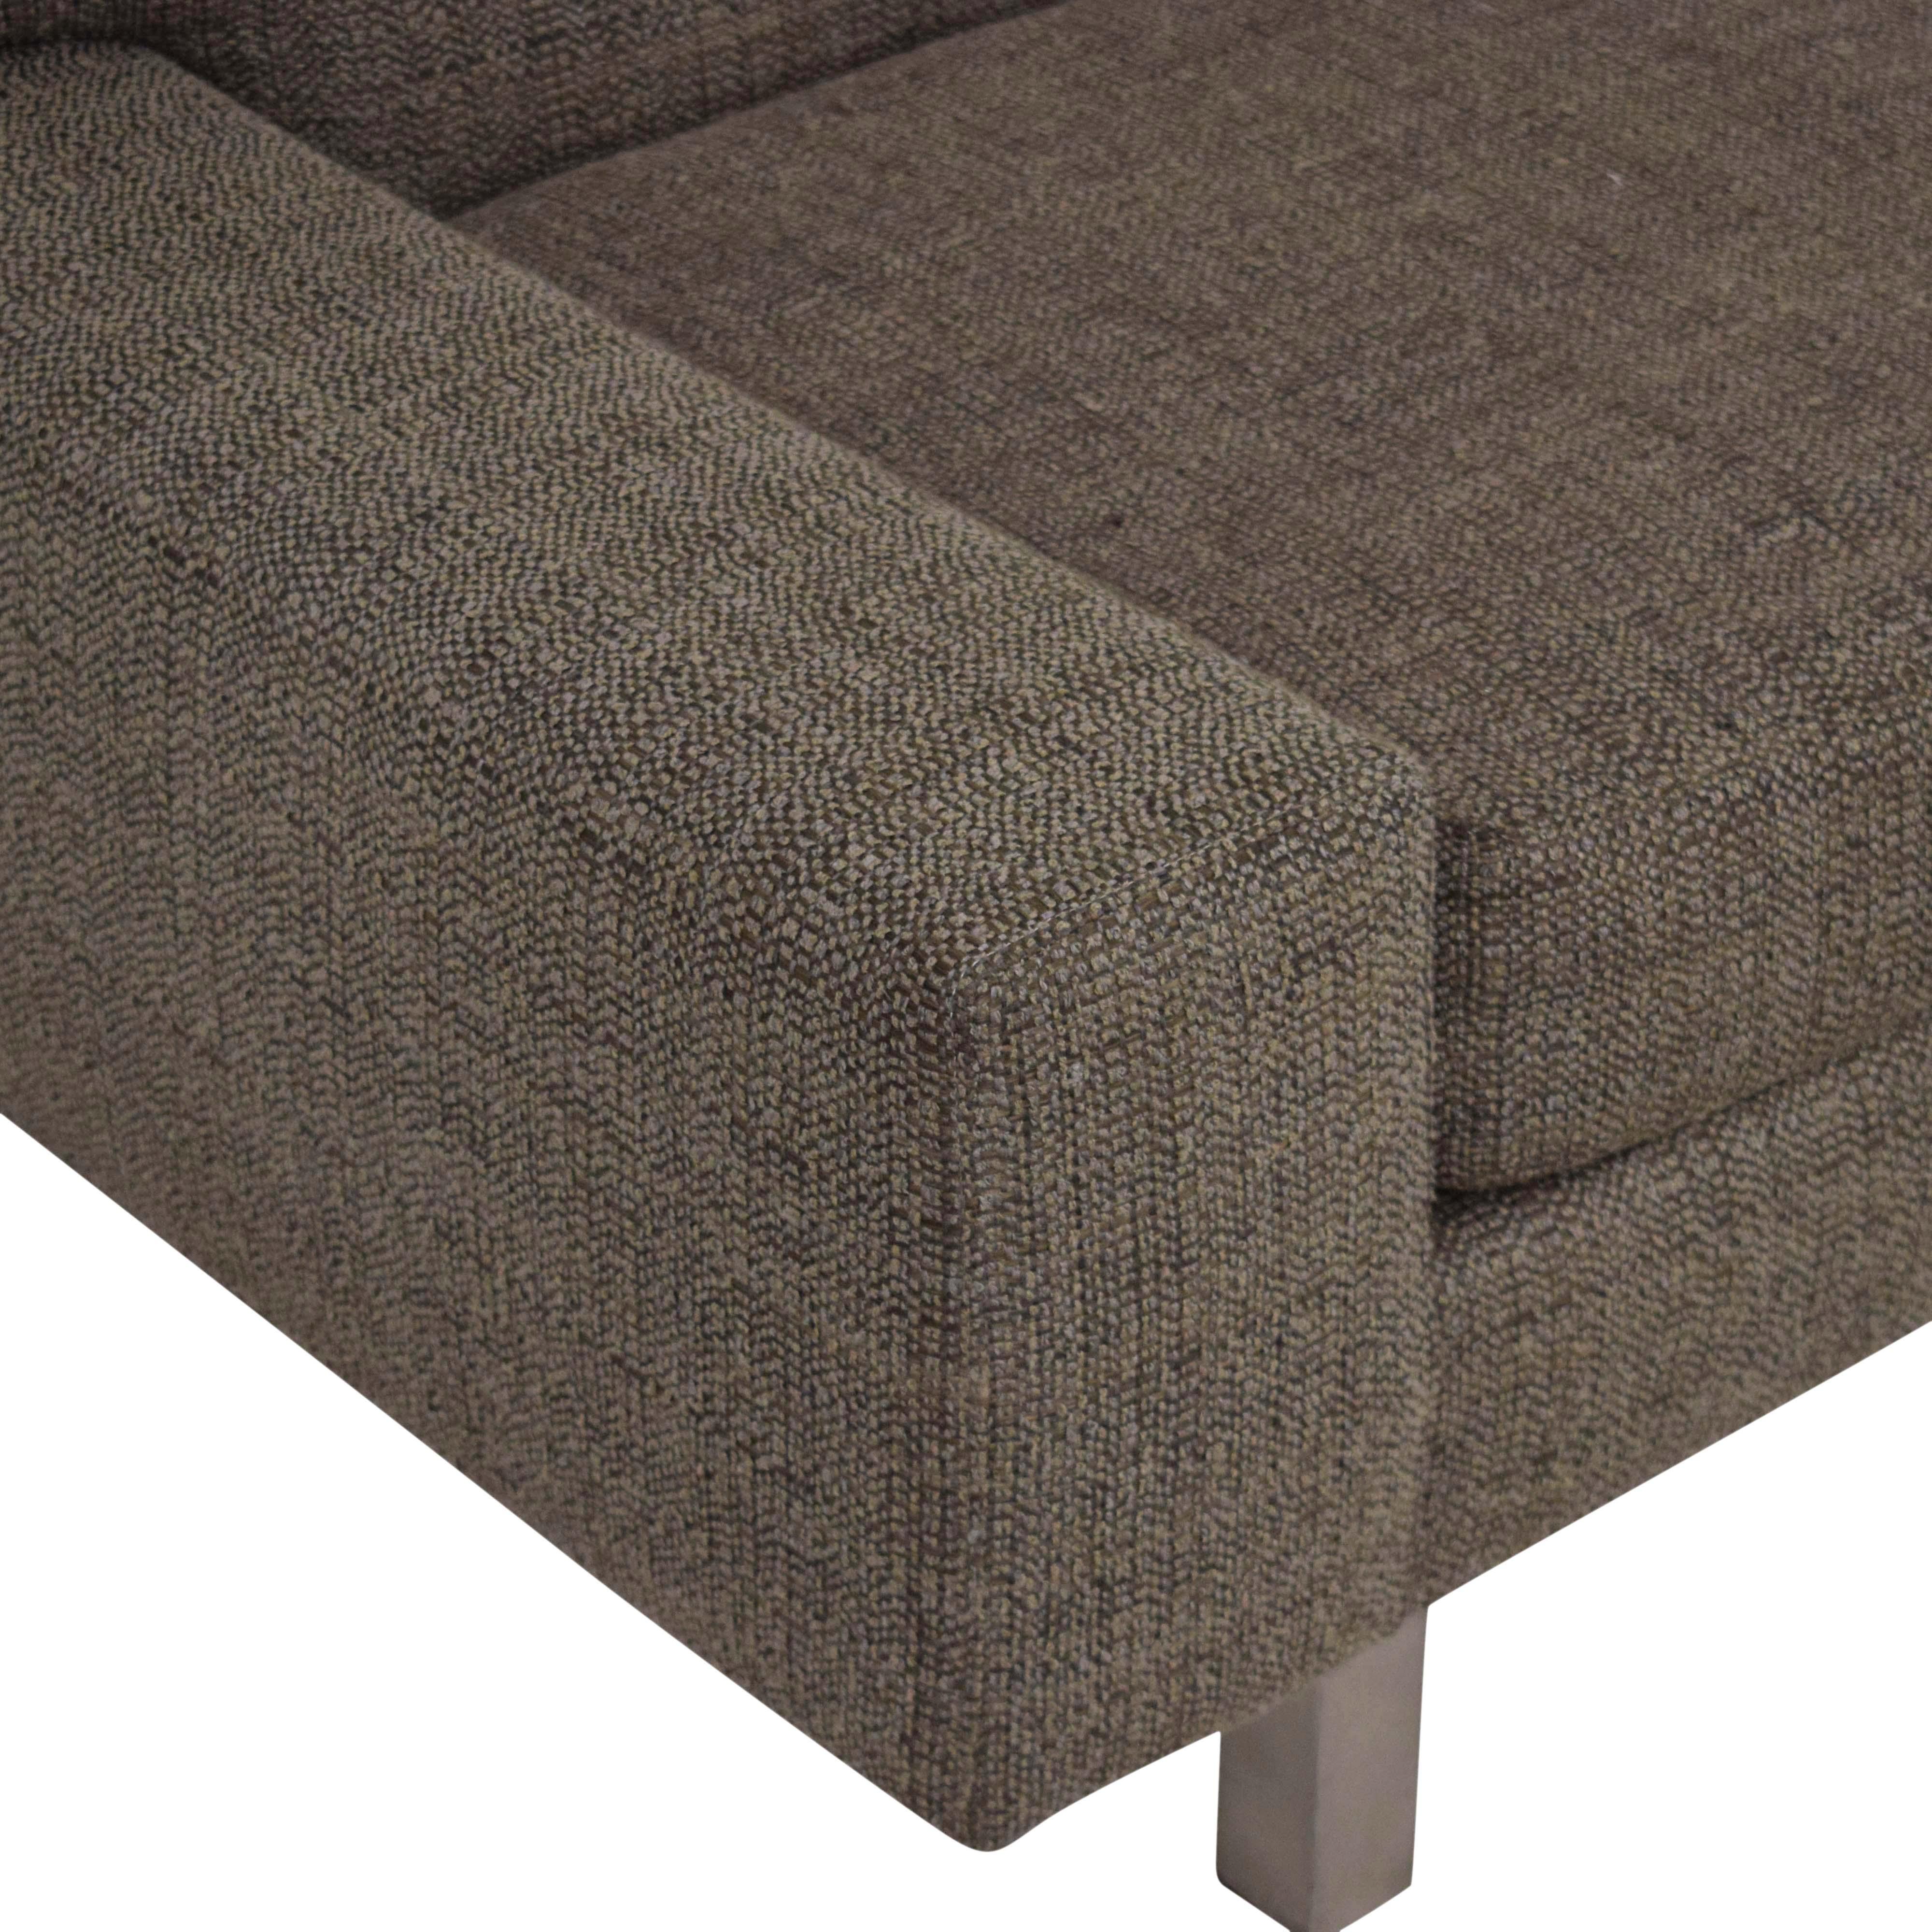 shop Crate & Barrel 3 Seat Sofa Crate & Barrel Sofas